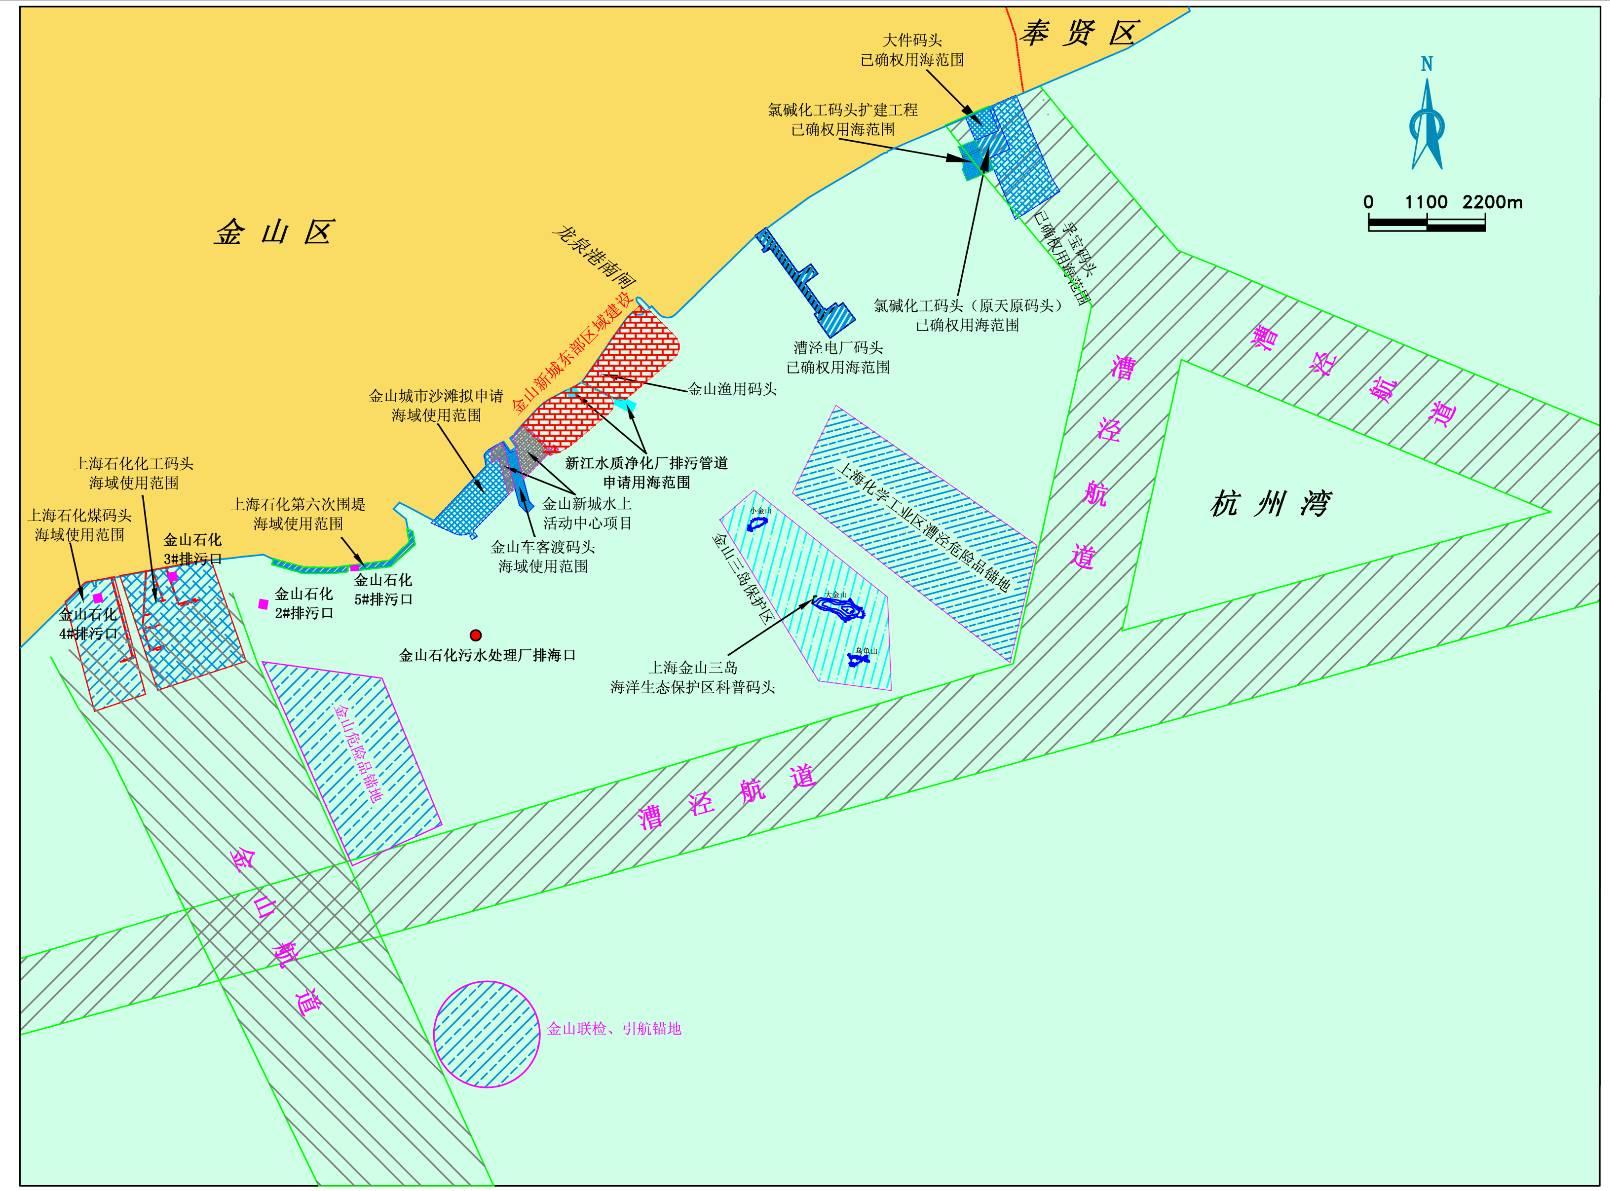 规划用海区及周边海域海洋开发活动现状图